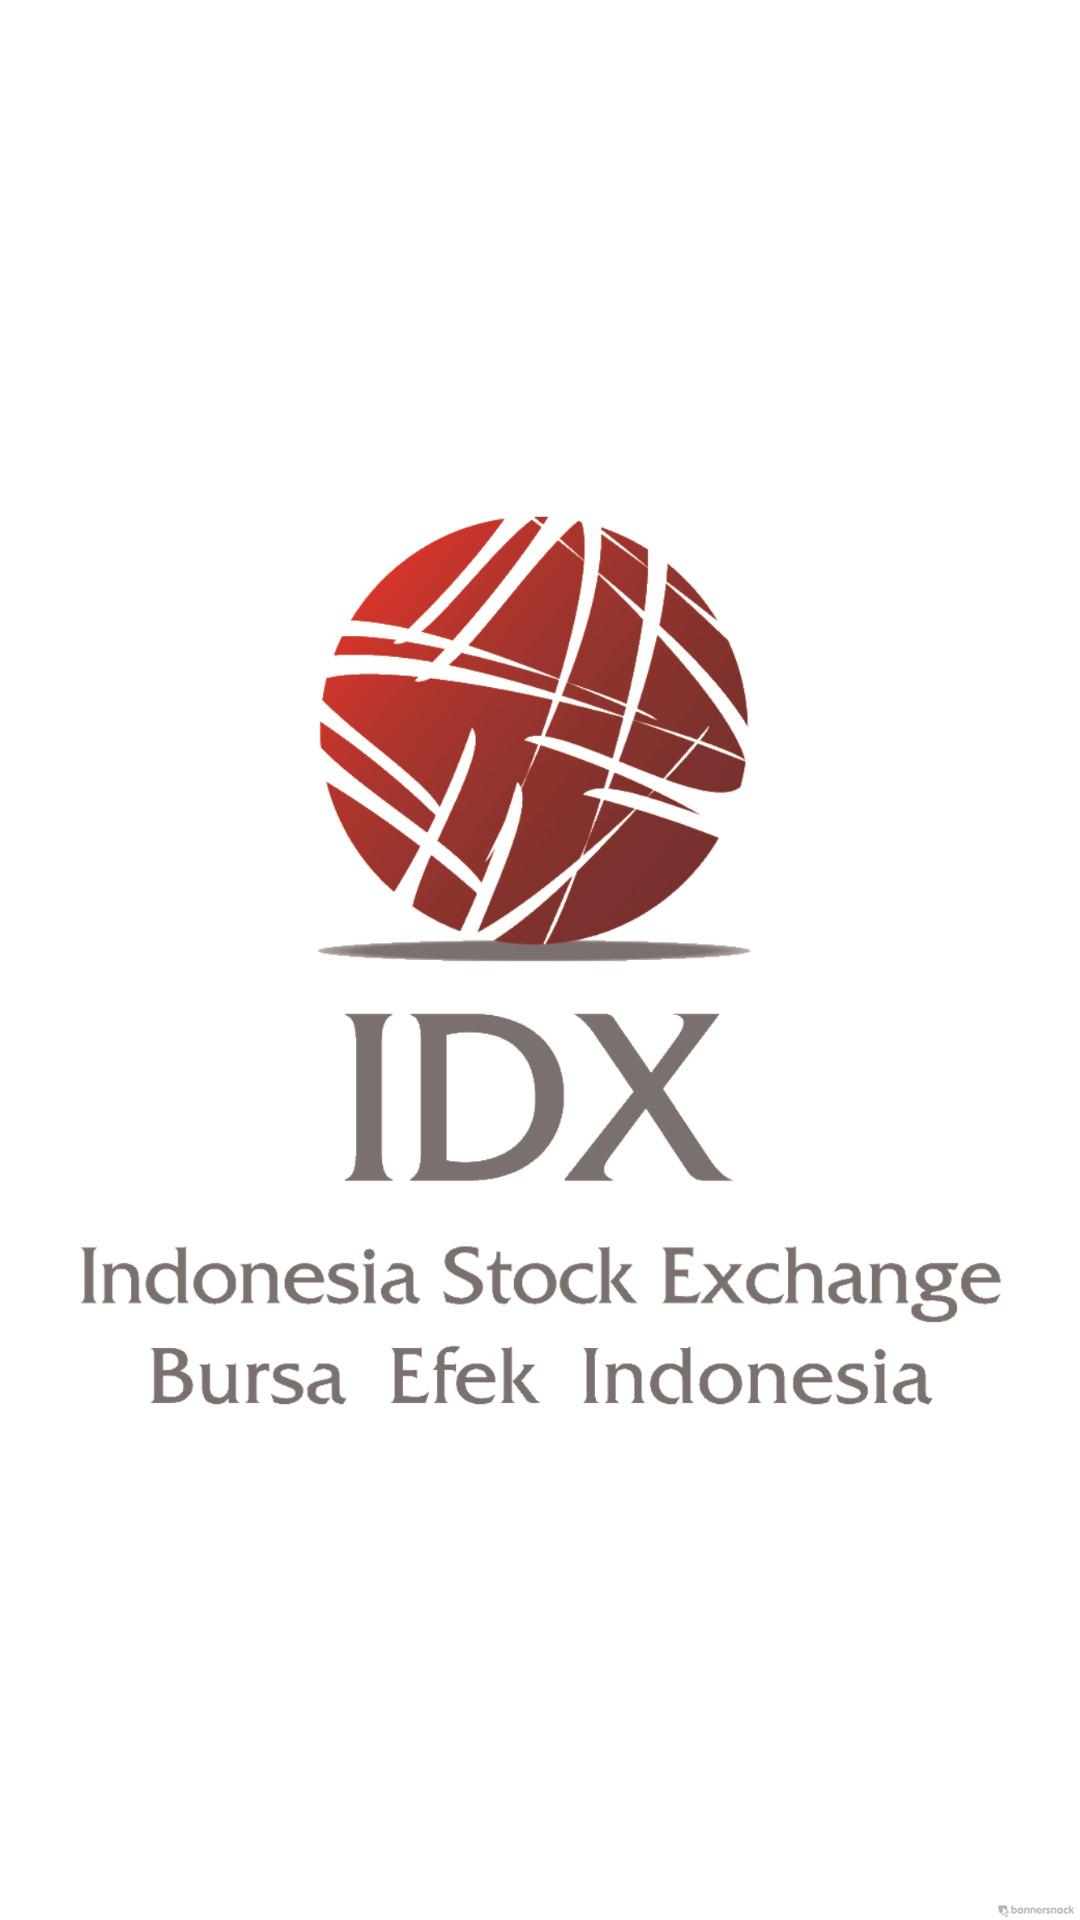 1. IDX/Bursa Efek Indonesia - BEI adalah lembaga yang berperan dalam menyelenggarakan dan menyediakan fasilitas sistem perdagangan efek di pasar modal Indonesia.Secara sederhana Bursa Efek Indonesia adalah pasar di mana efek/ surat berharga jangka panjang seperti saham diperdagangkan.